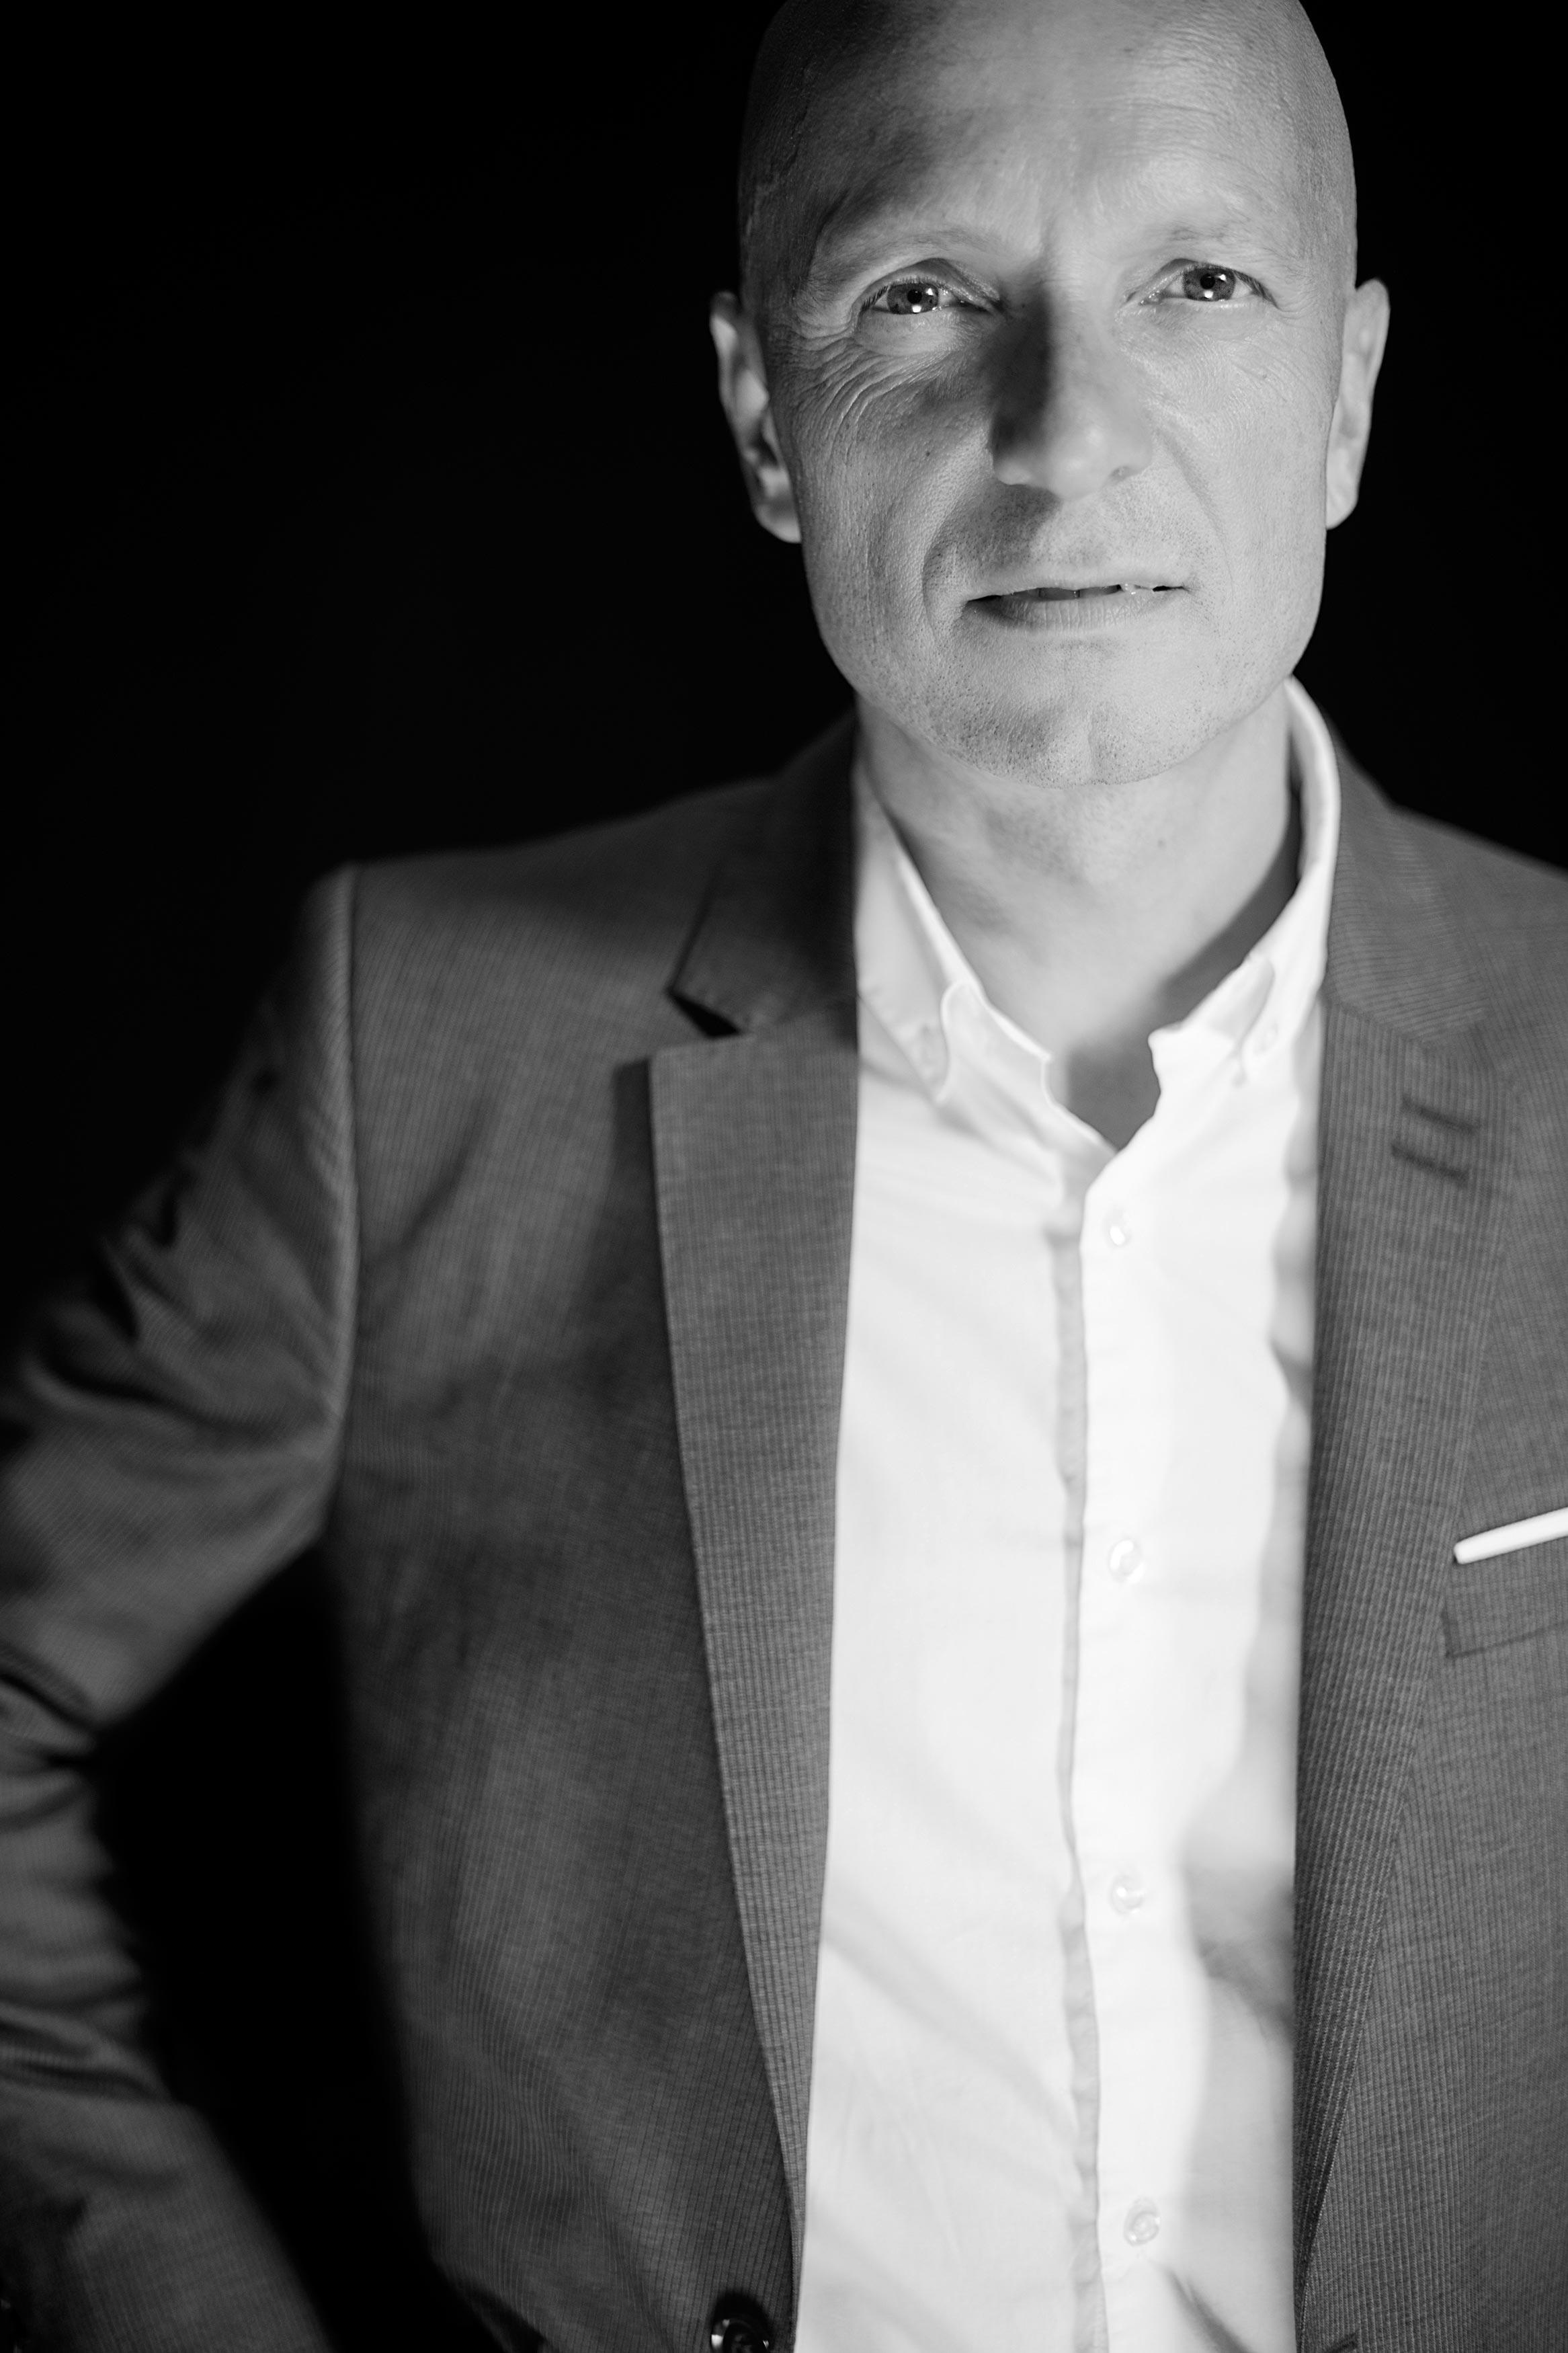 Photographie corporate d'un dirigeant de société